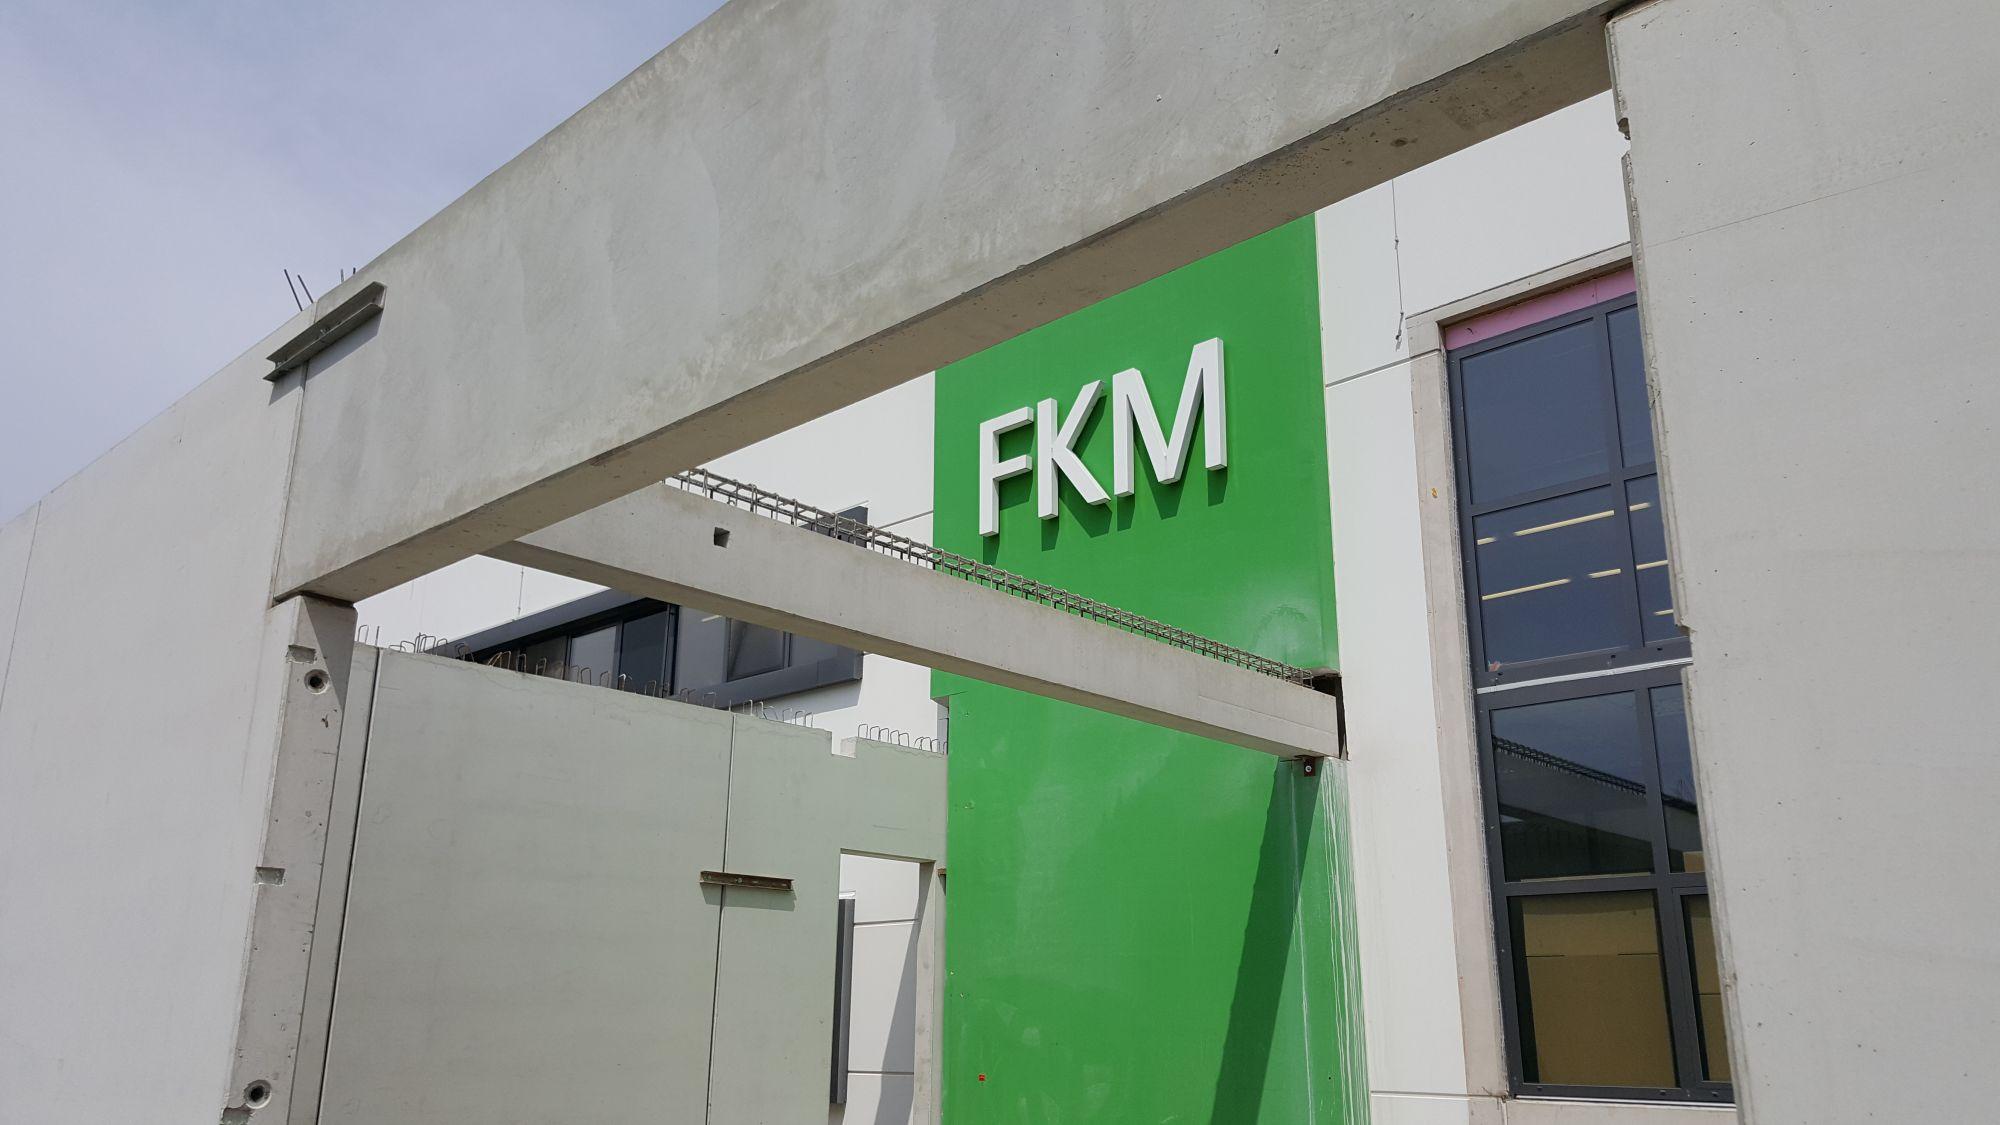 FKM Sintertechnik | 2019